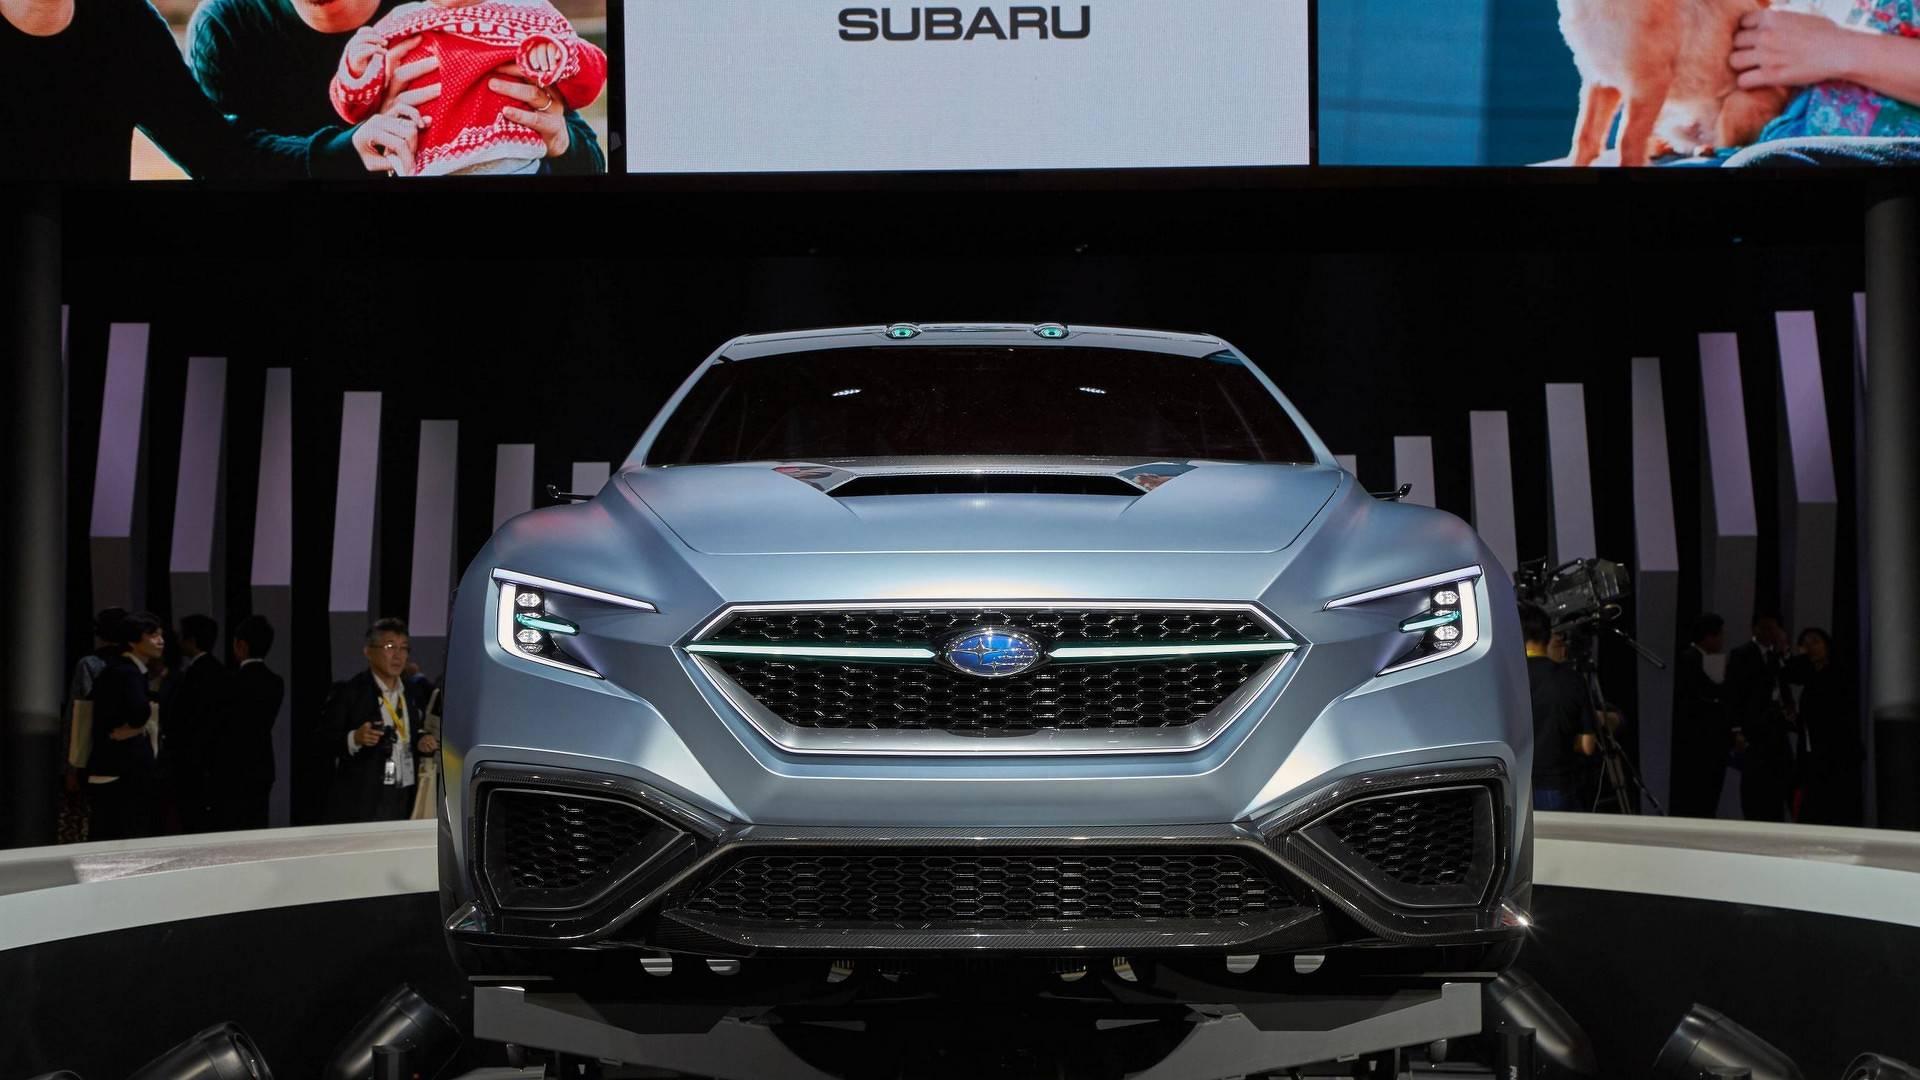 5a55f7d35b275 2017 subaru viziv performance concept سوبارو Viziv نقد و بررسی   اجاره ماشین